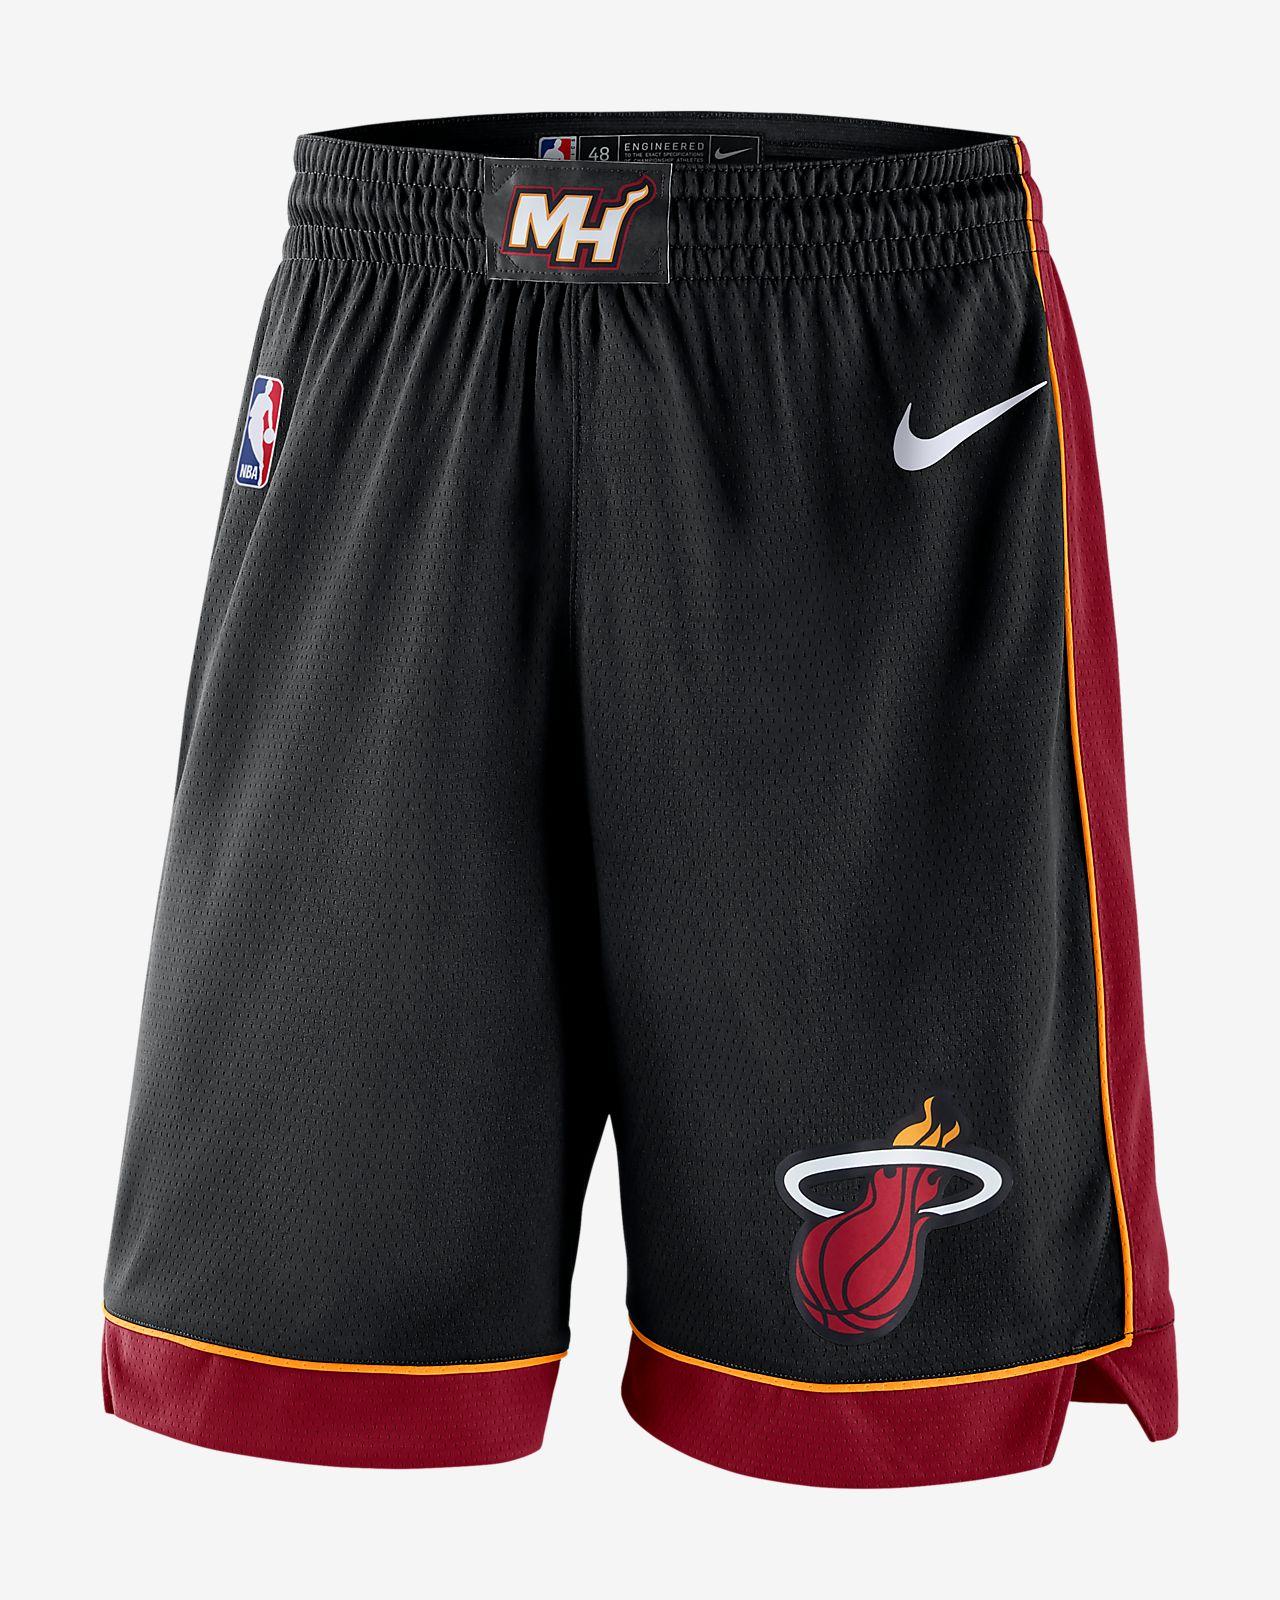 quality design 6ded5 b9d2b Miami Heat Icon Edition Swingman Pantalón corto Nike de la NBA - Hombre